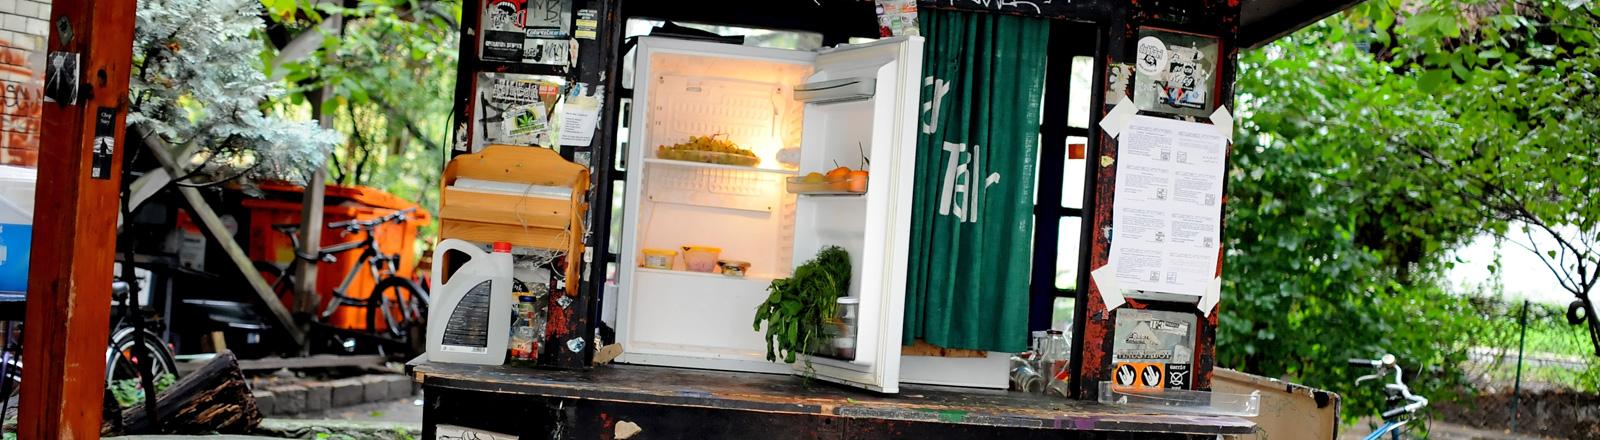 Ein öffentlicher Kühlschrank in Berlin. Der Kühlschrank ist in ein altes Kiosk eingebaut. Dort können Lebensmittel hinterlegt und verschenkt werden; Foto: dpa